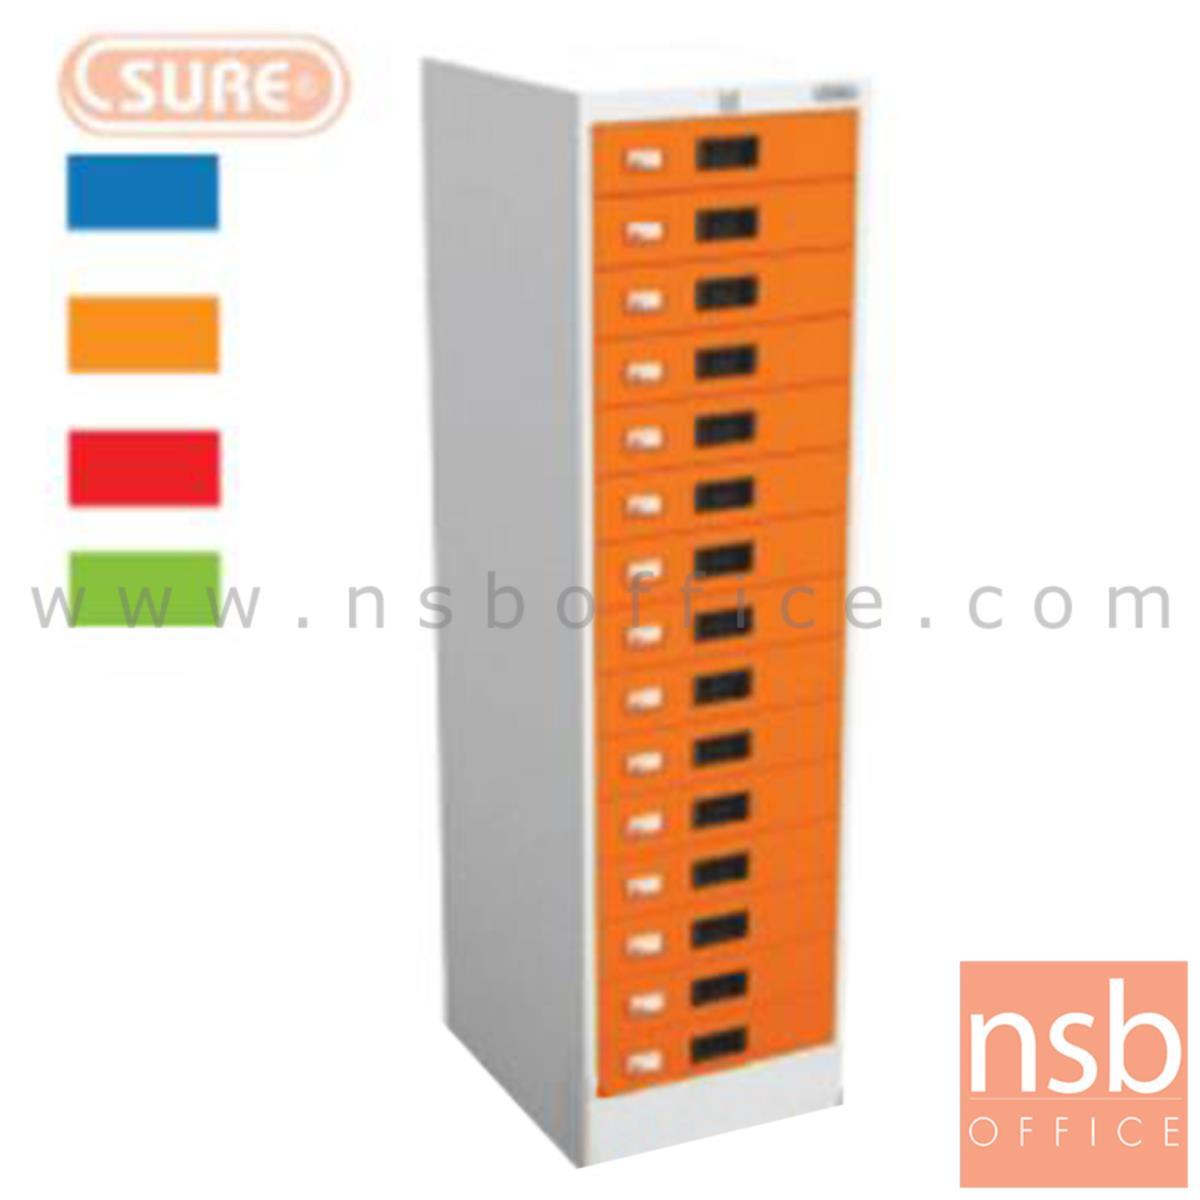 E04A036:ตู้เหล็กเก็บแบบฟอร์ม15 ลิ้นชัก ยี่ห้อ SURE รุ่น CFC-215 หน้าบานสีสัน (มี 4 สีให้เลือก)